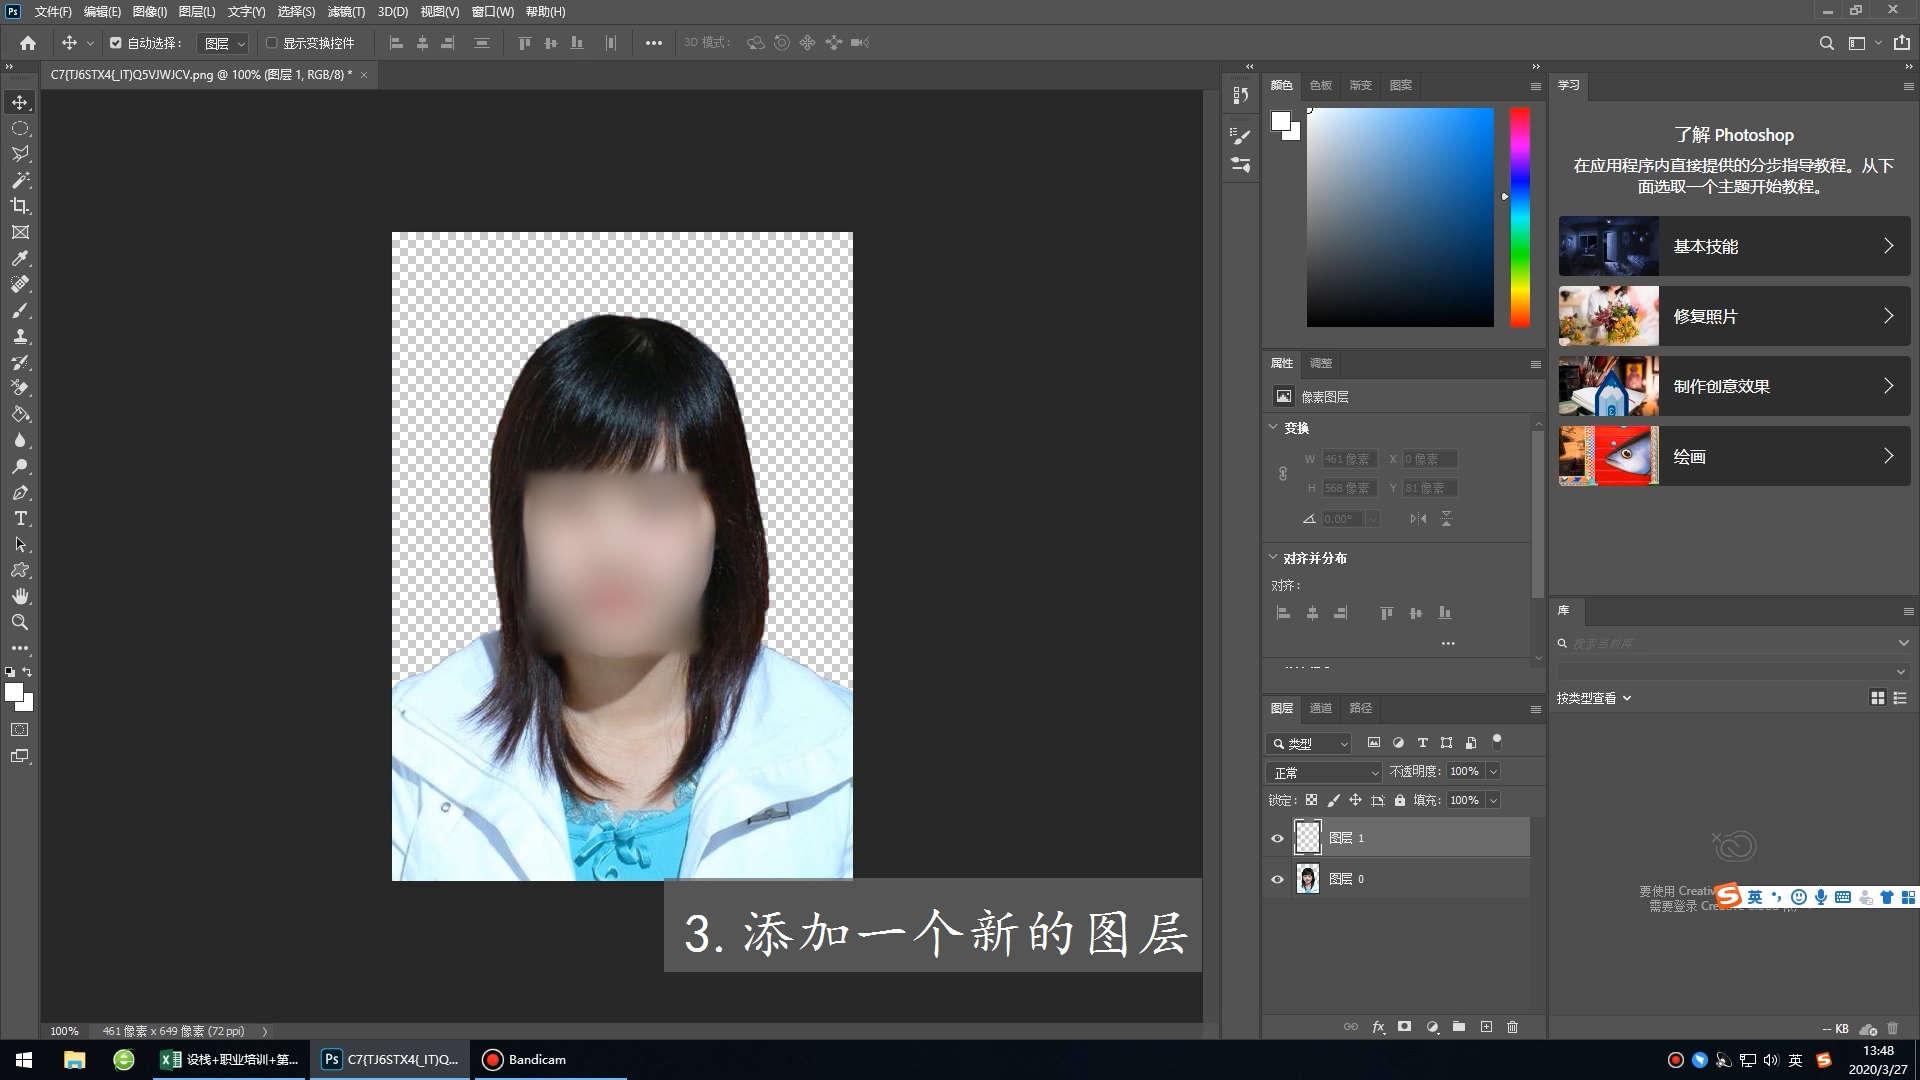 怎样用ps把图片背景变成白色第3步